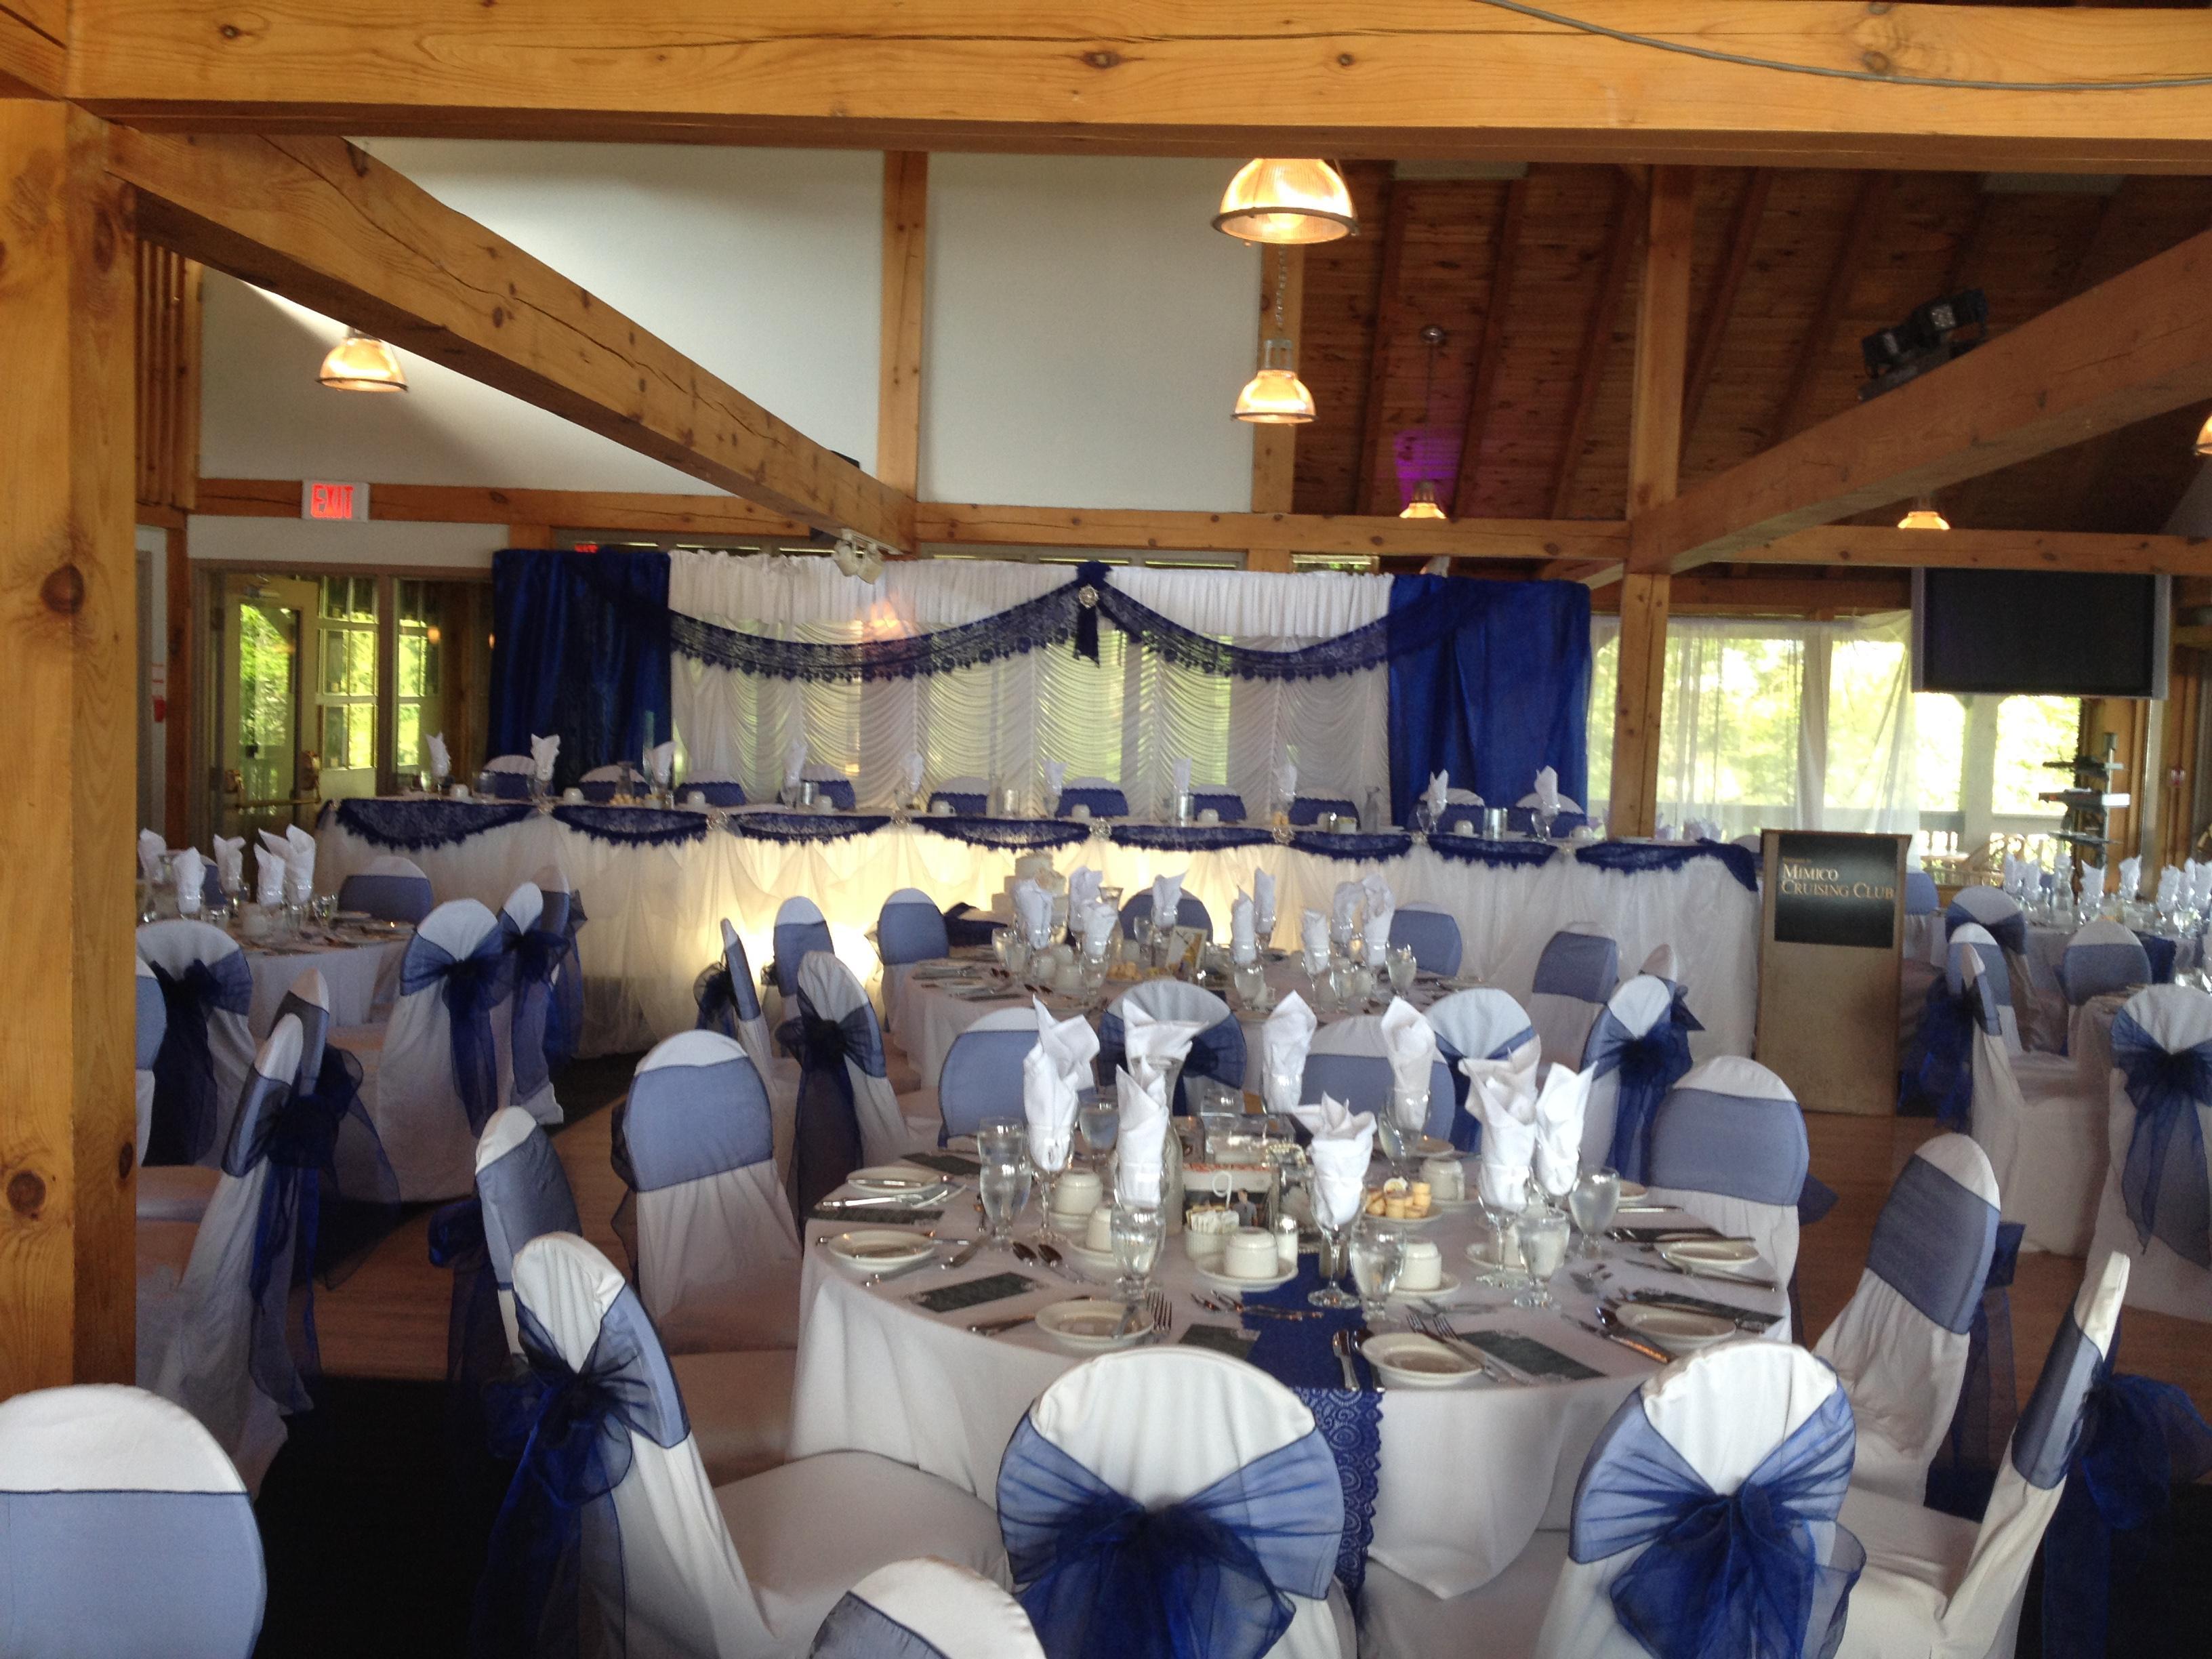 Mimico Cruising Club Restaurants For Receptions Banquets Seminars Toronto Infobel Canada